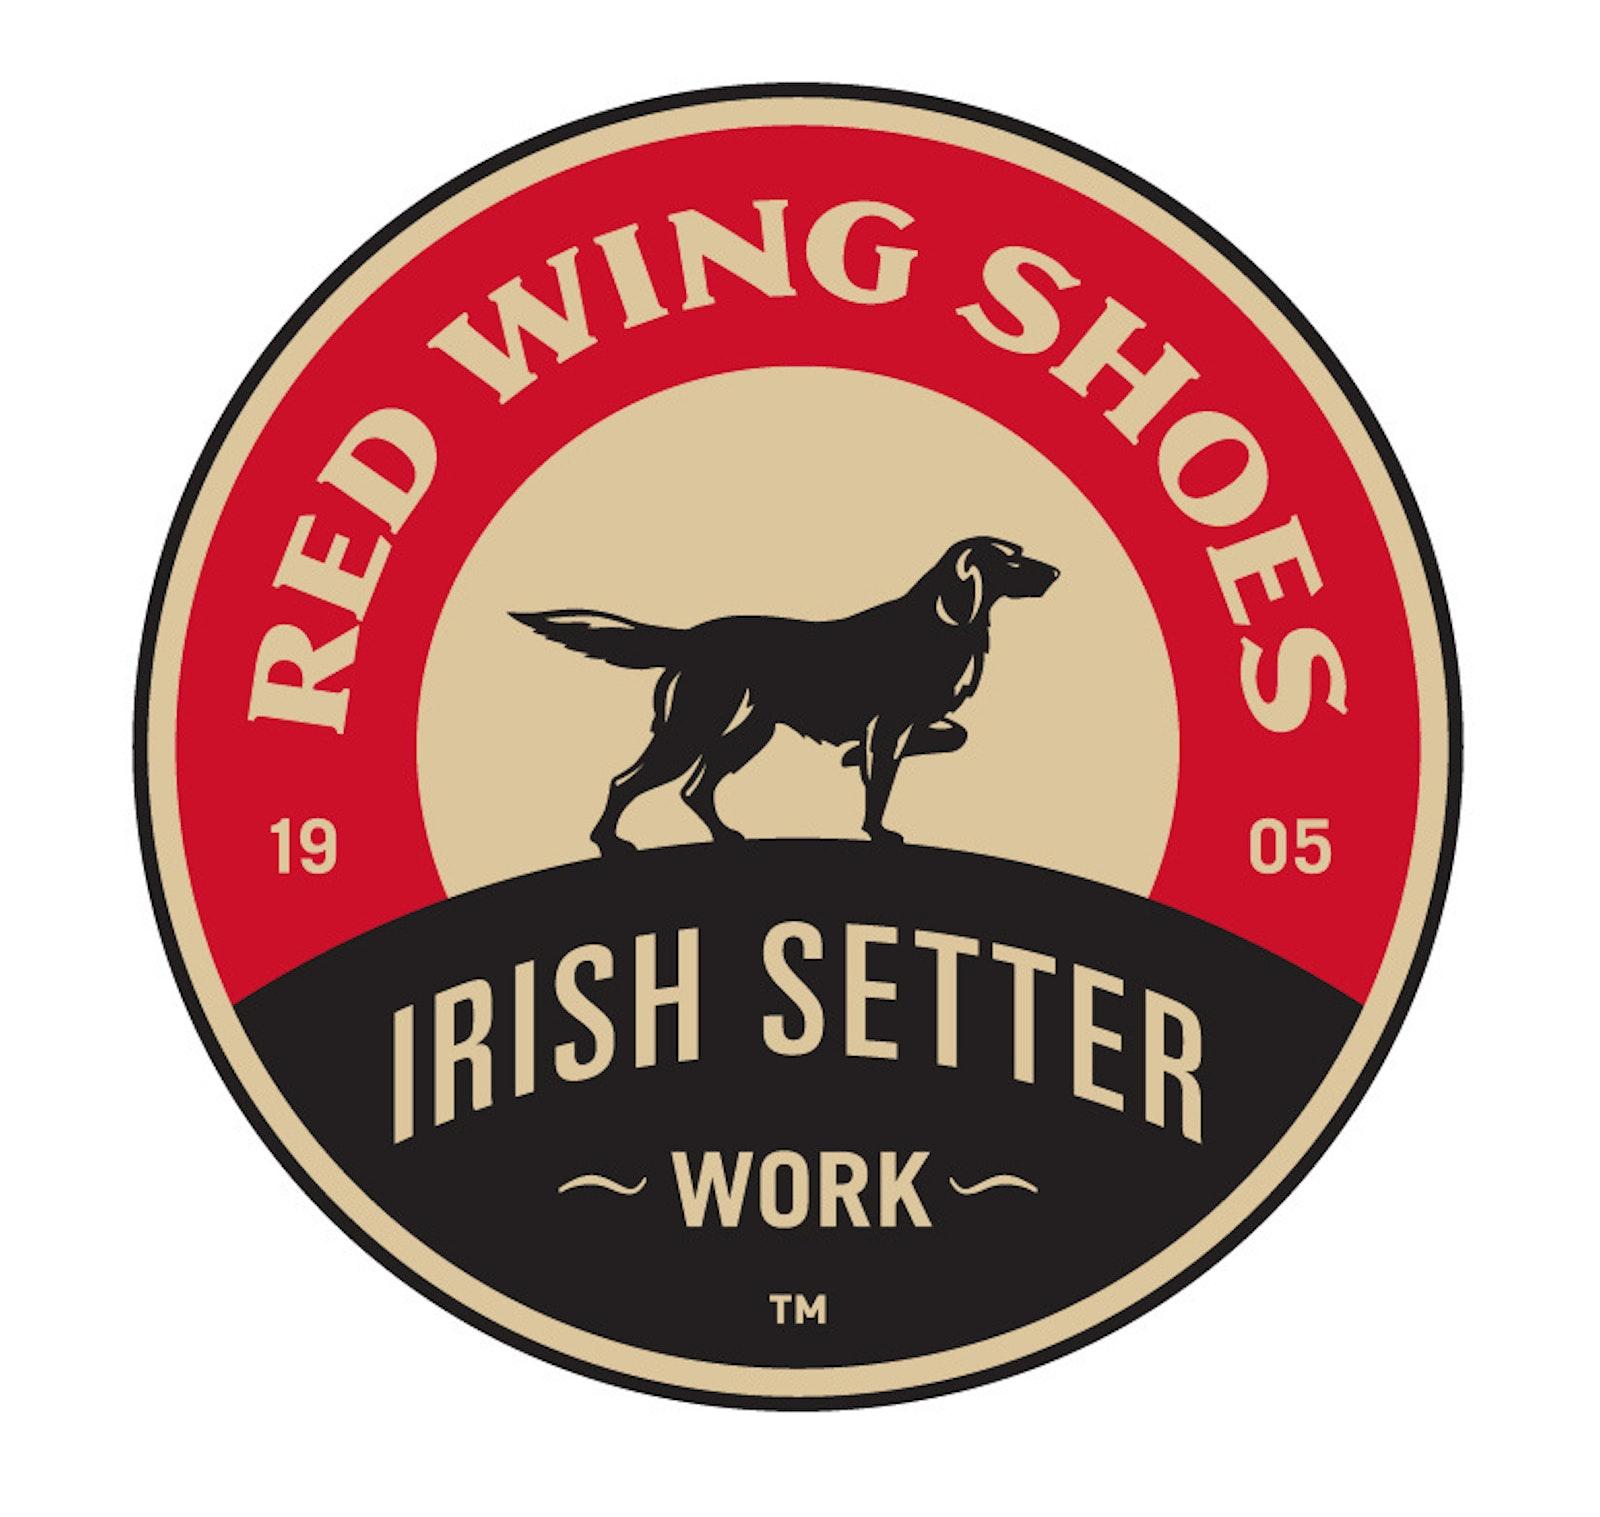 Irishsetter logo